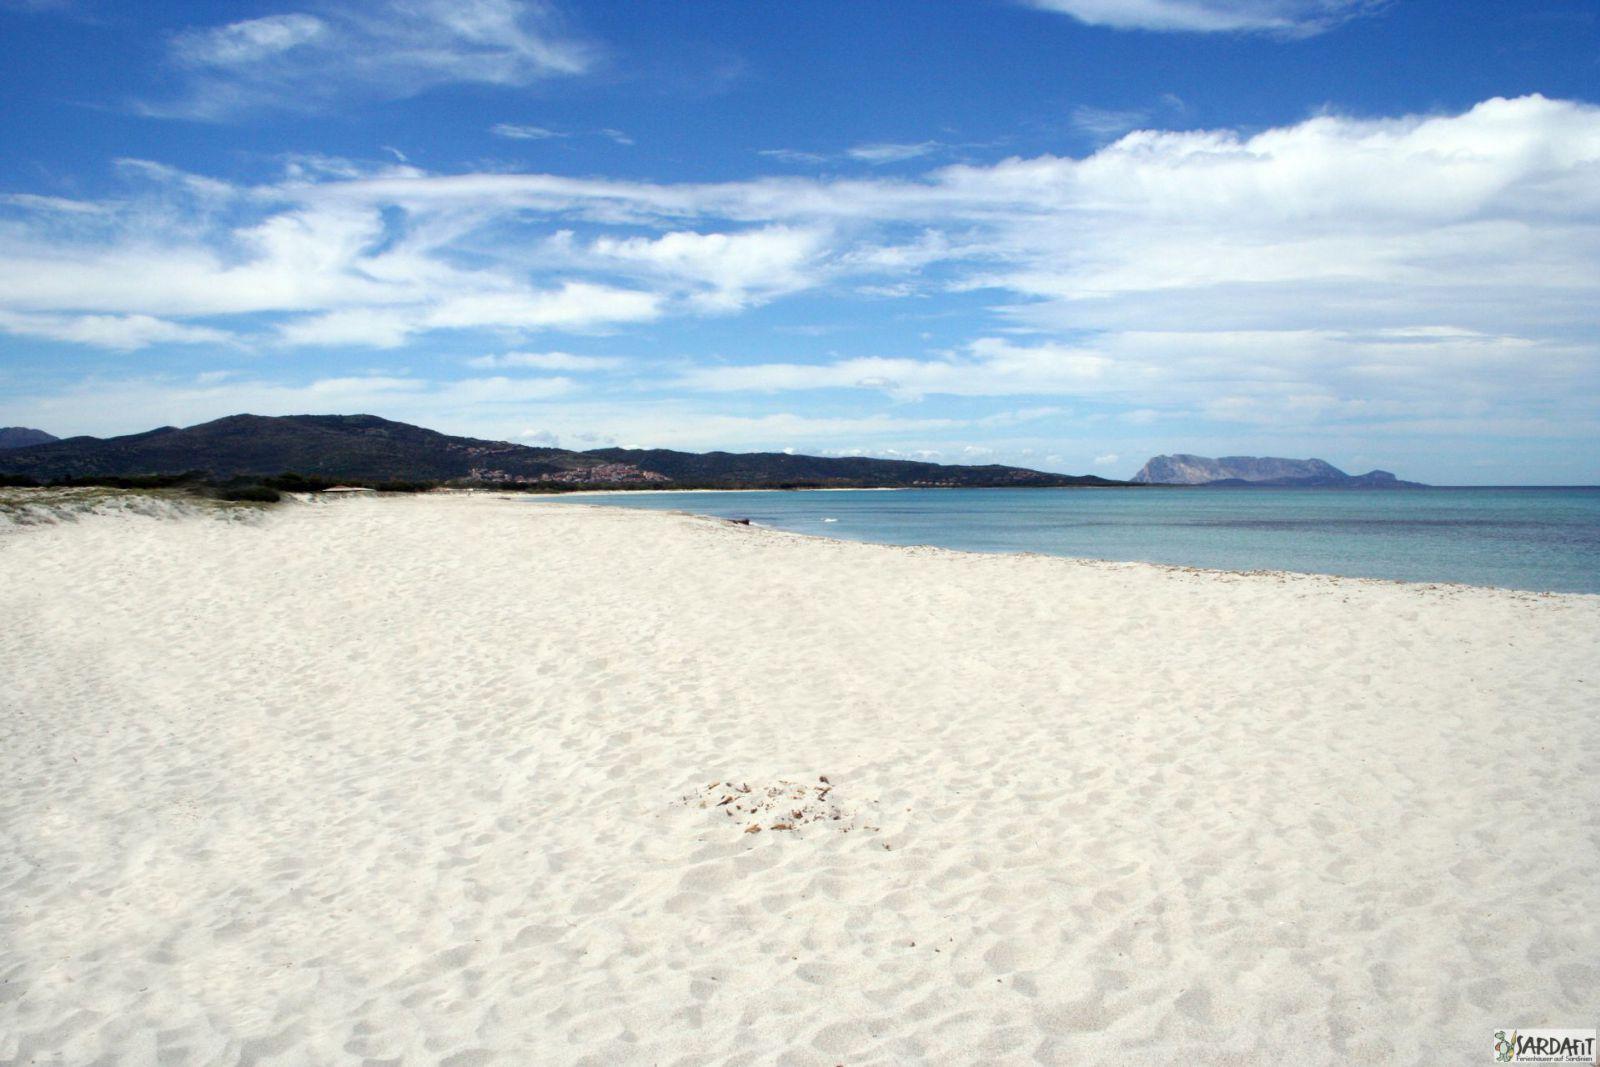 Paesi in sardegna con strutture turistiche sardafit la for Sardegna budoni spiagge